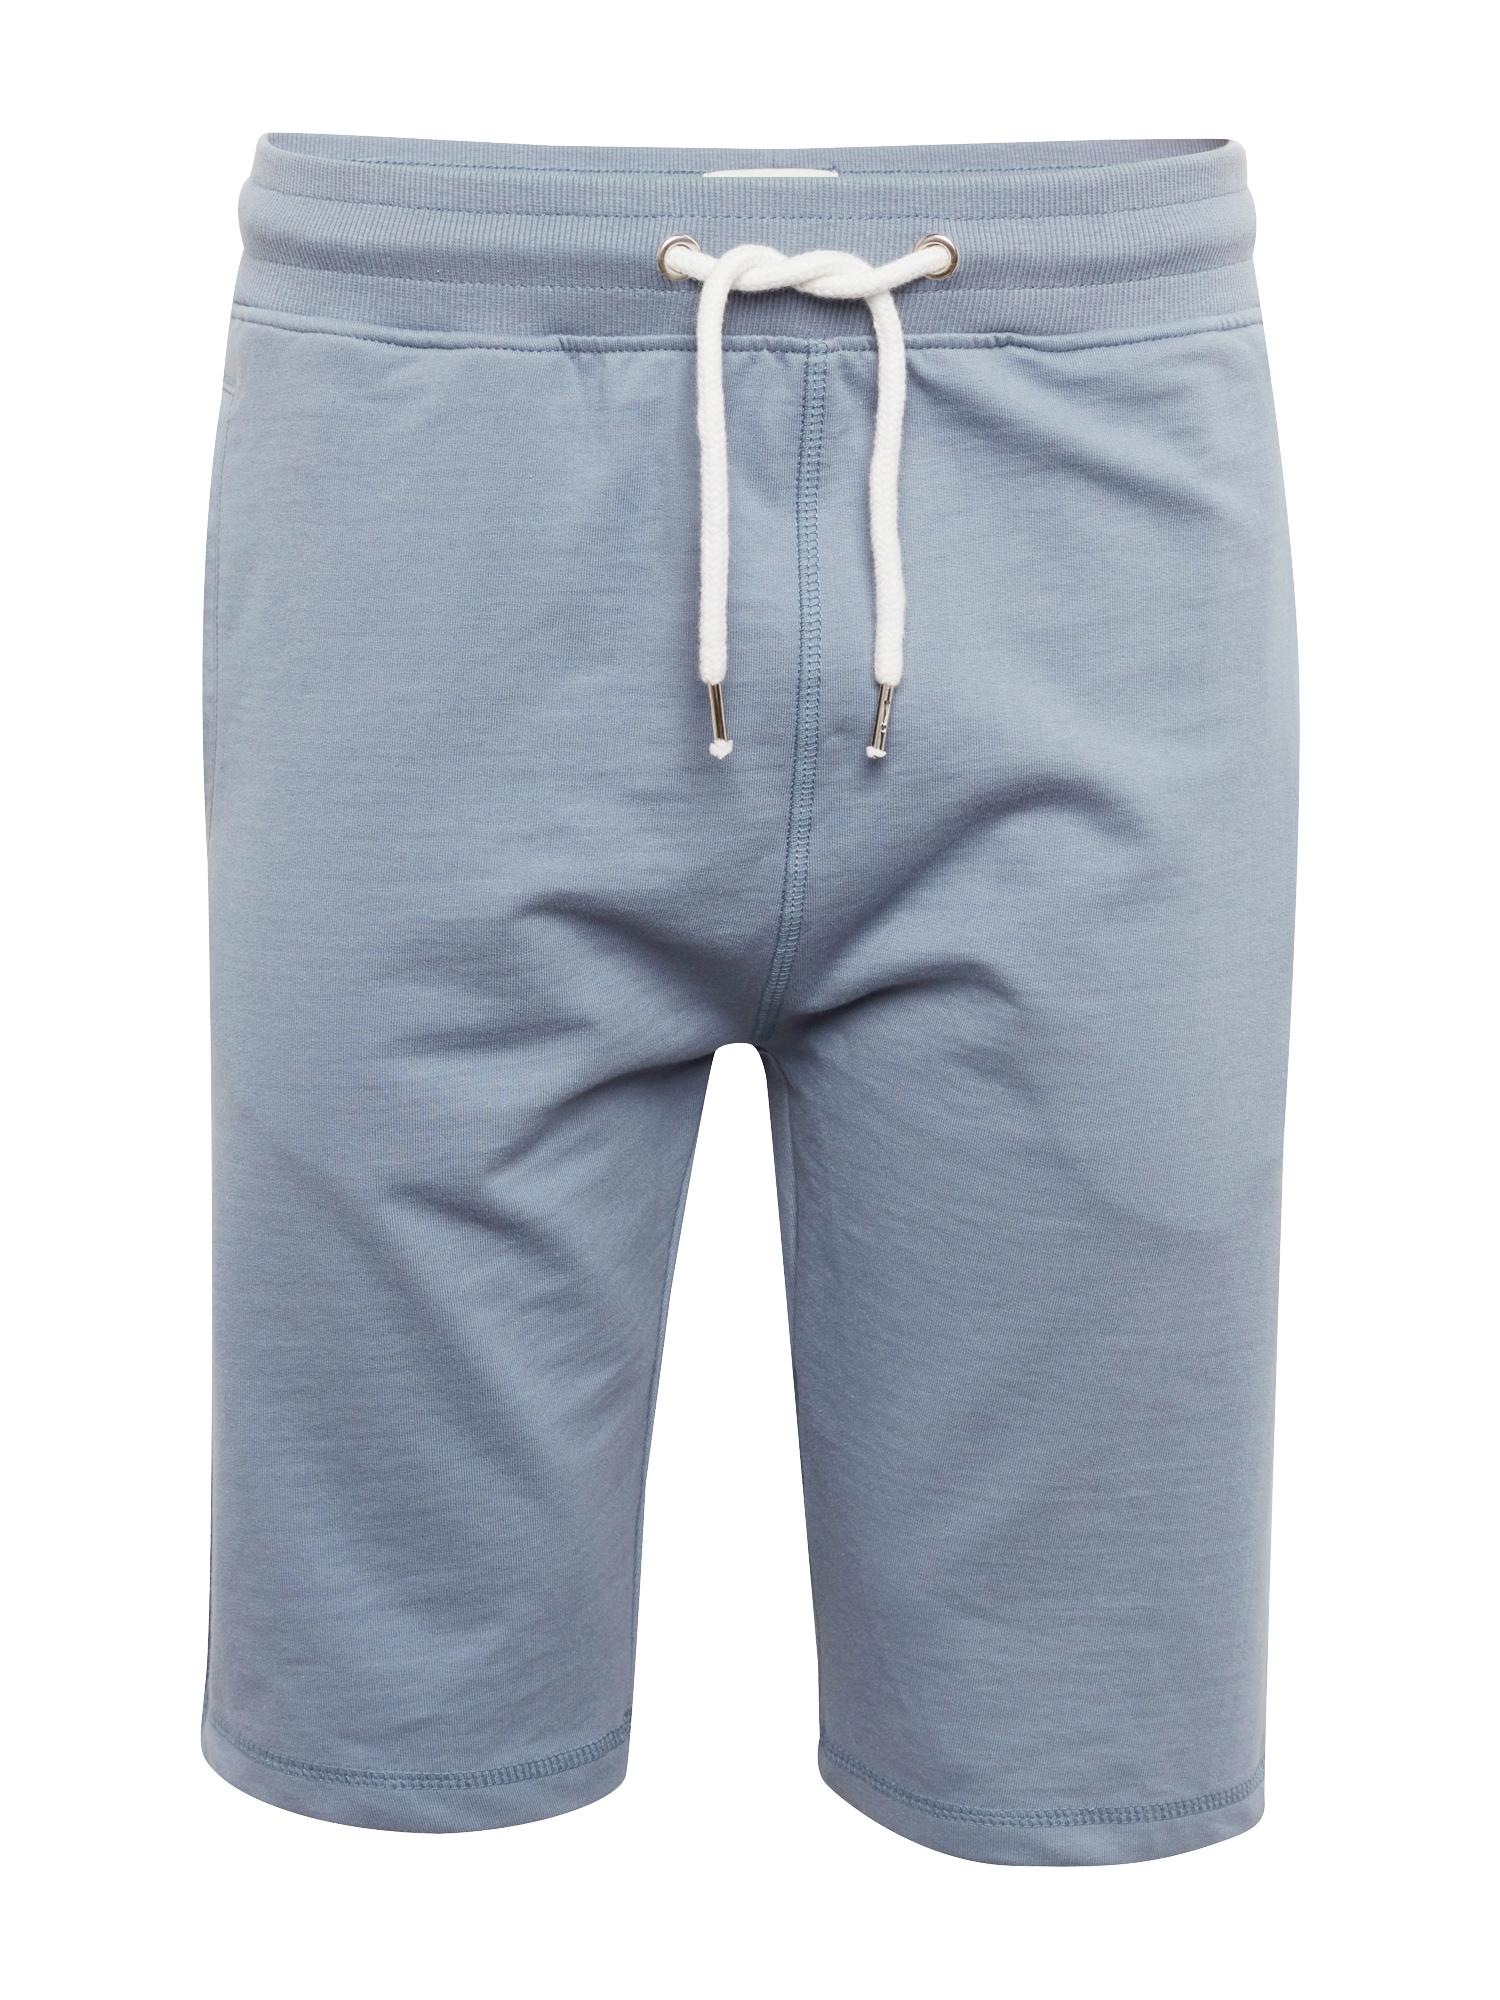 Kalhoty REGULAR-MORGAN světlemodrá !Solid